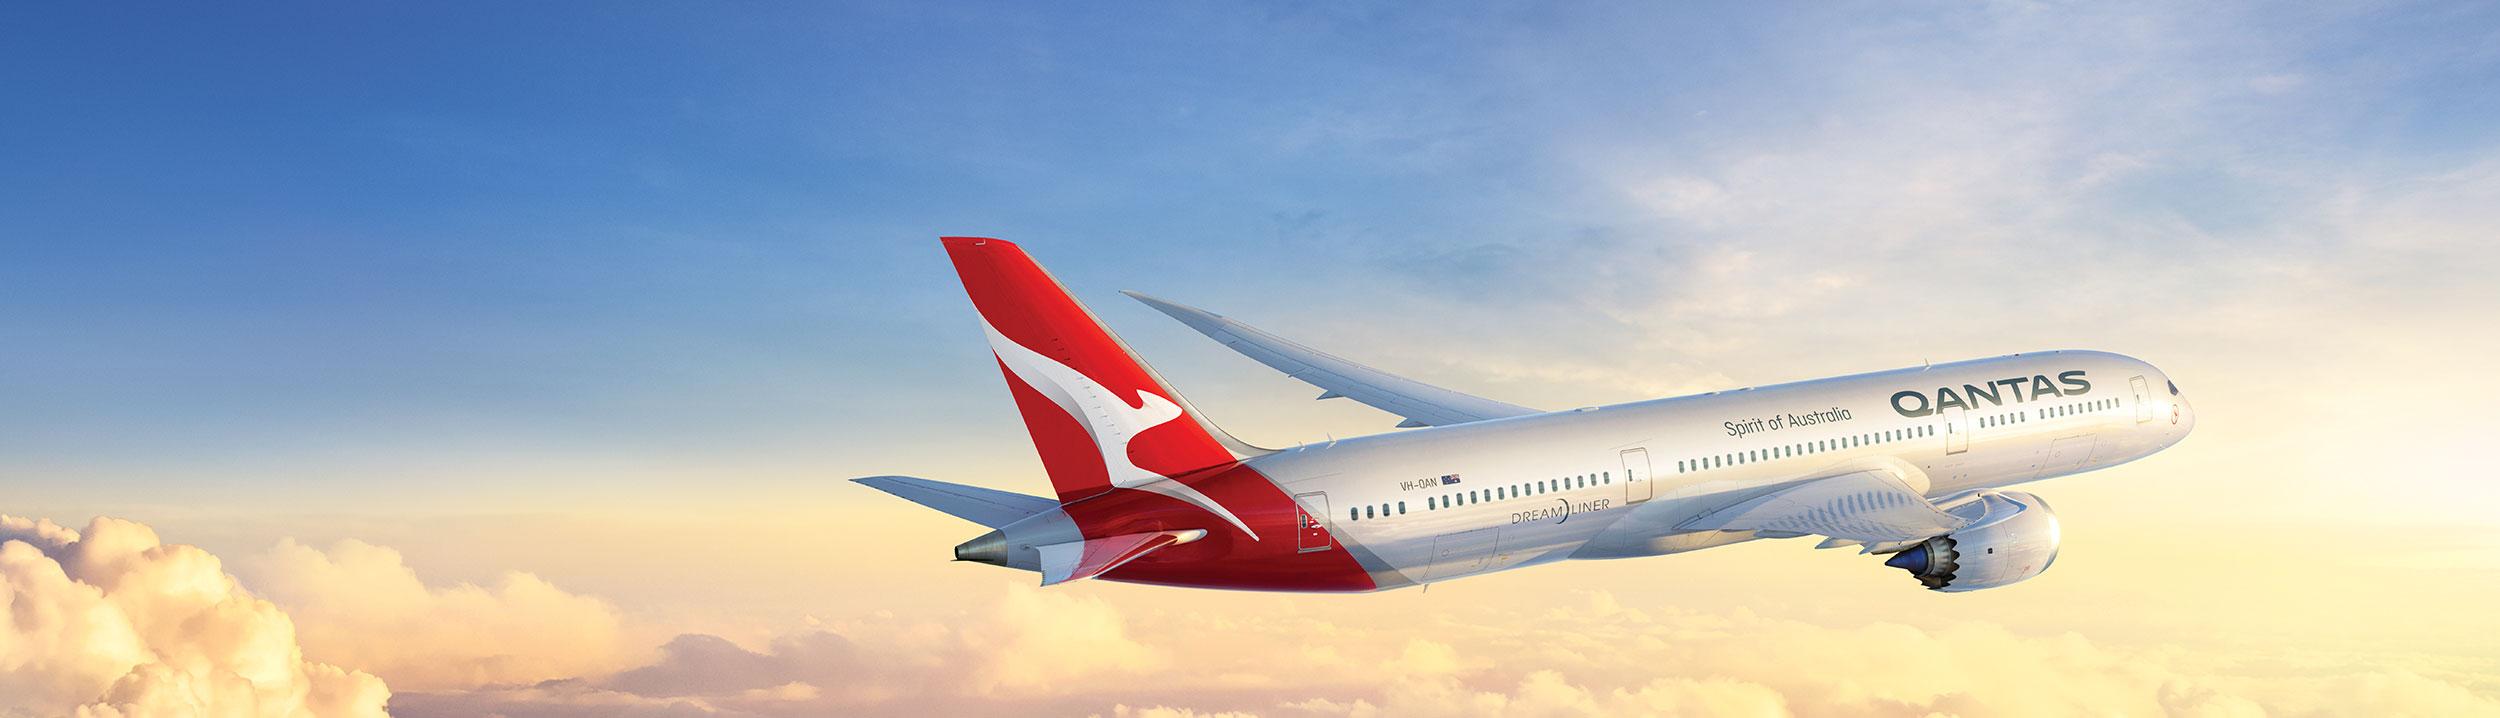 Qantas Aircraft in Sky